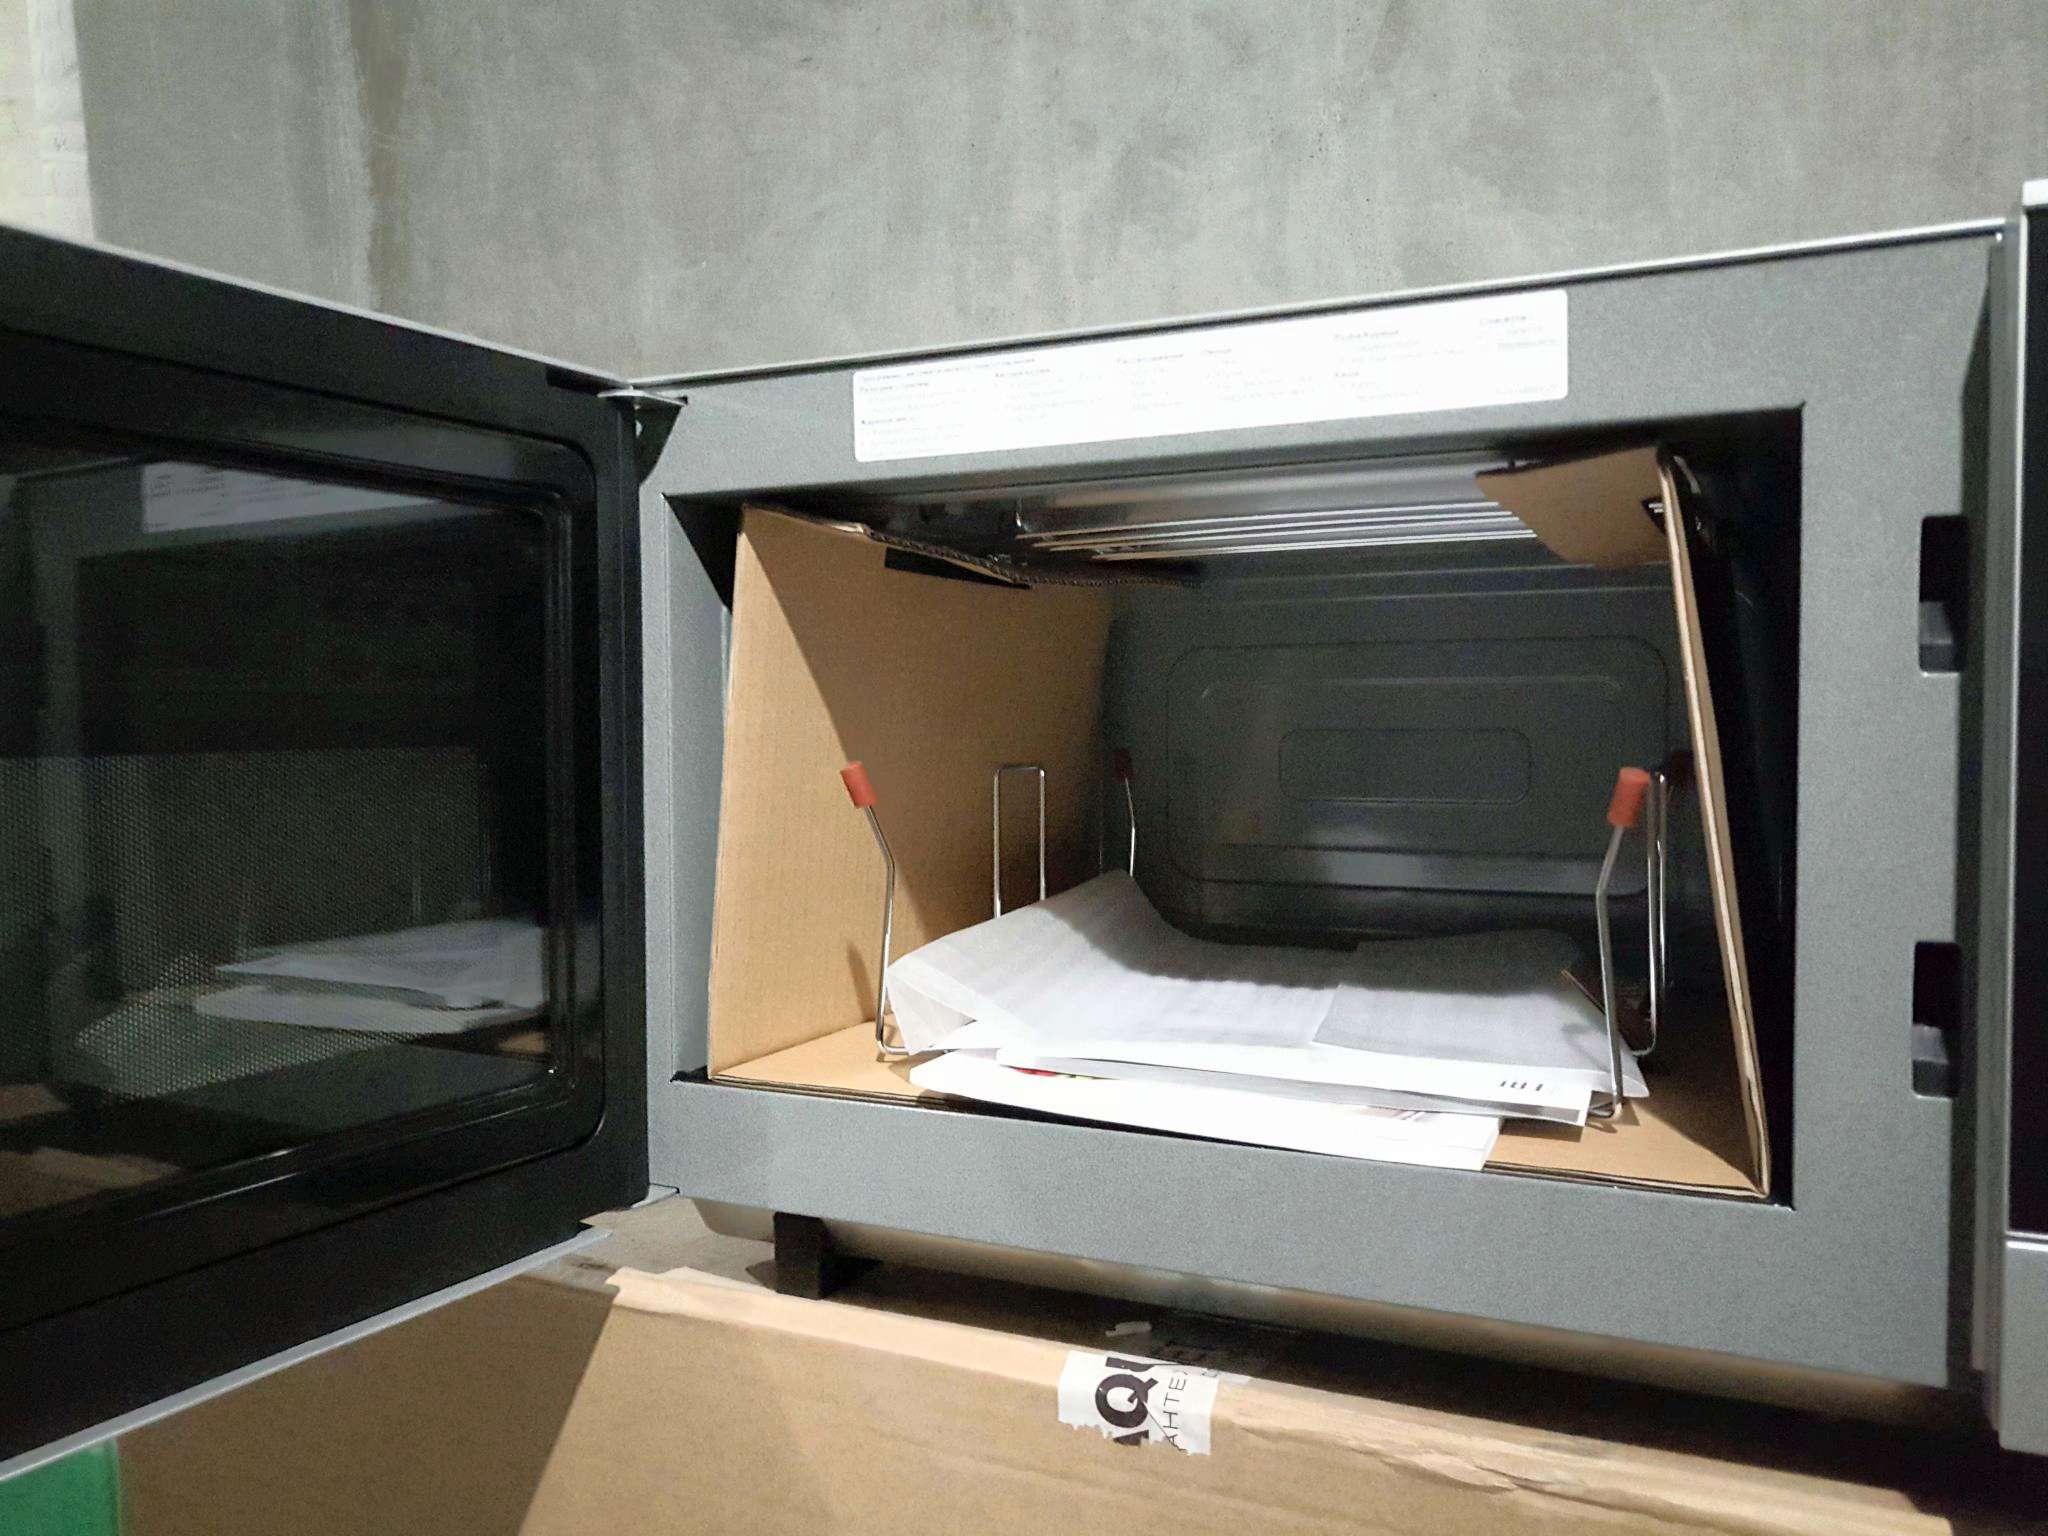 микроволновка панасоник gd371mzpe инструкция